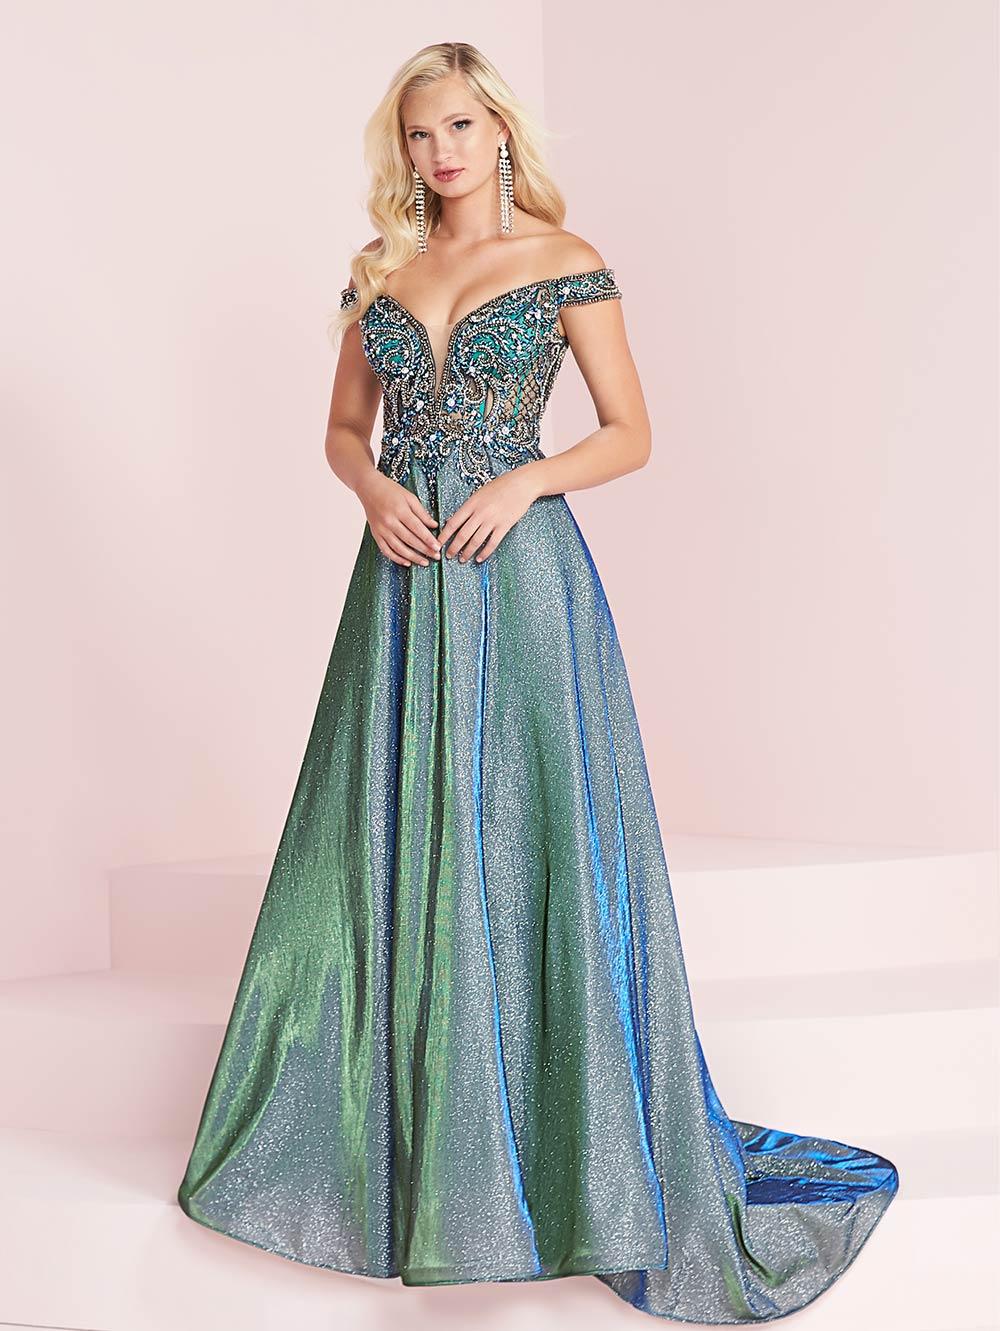 prom-dresses-jacquelin-bridals-canada-27602